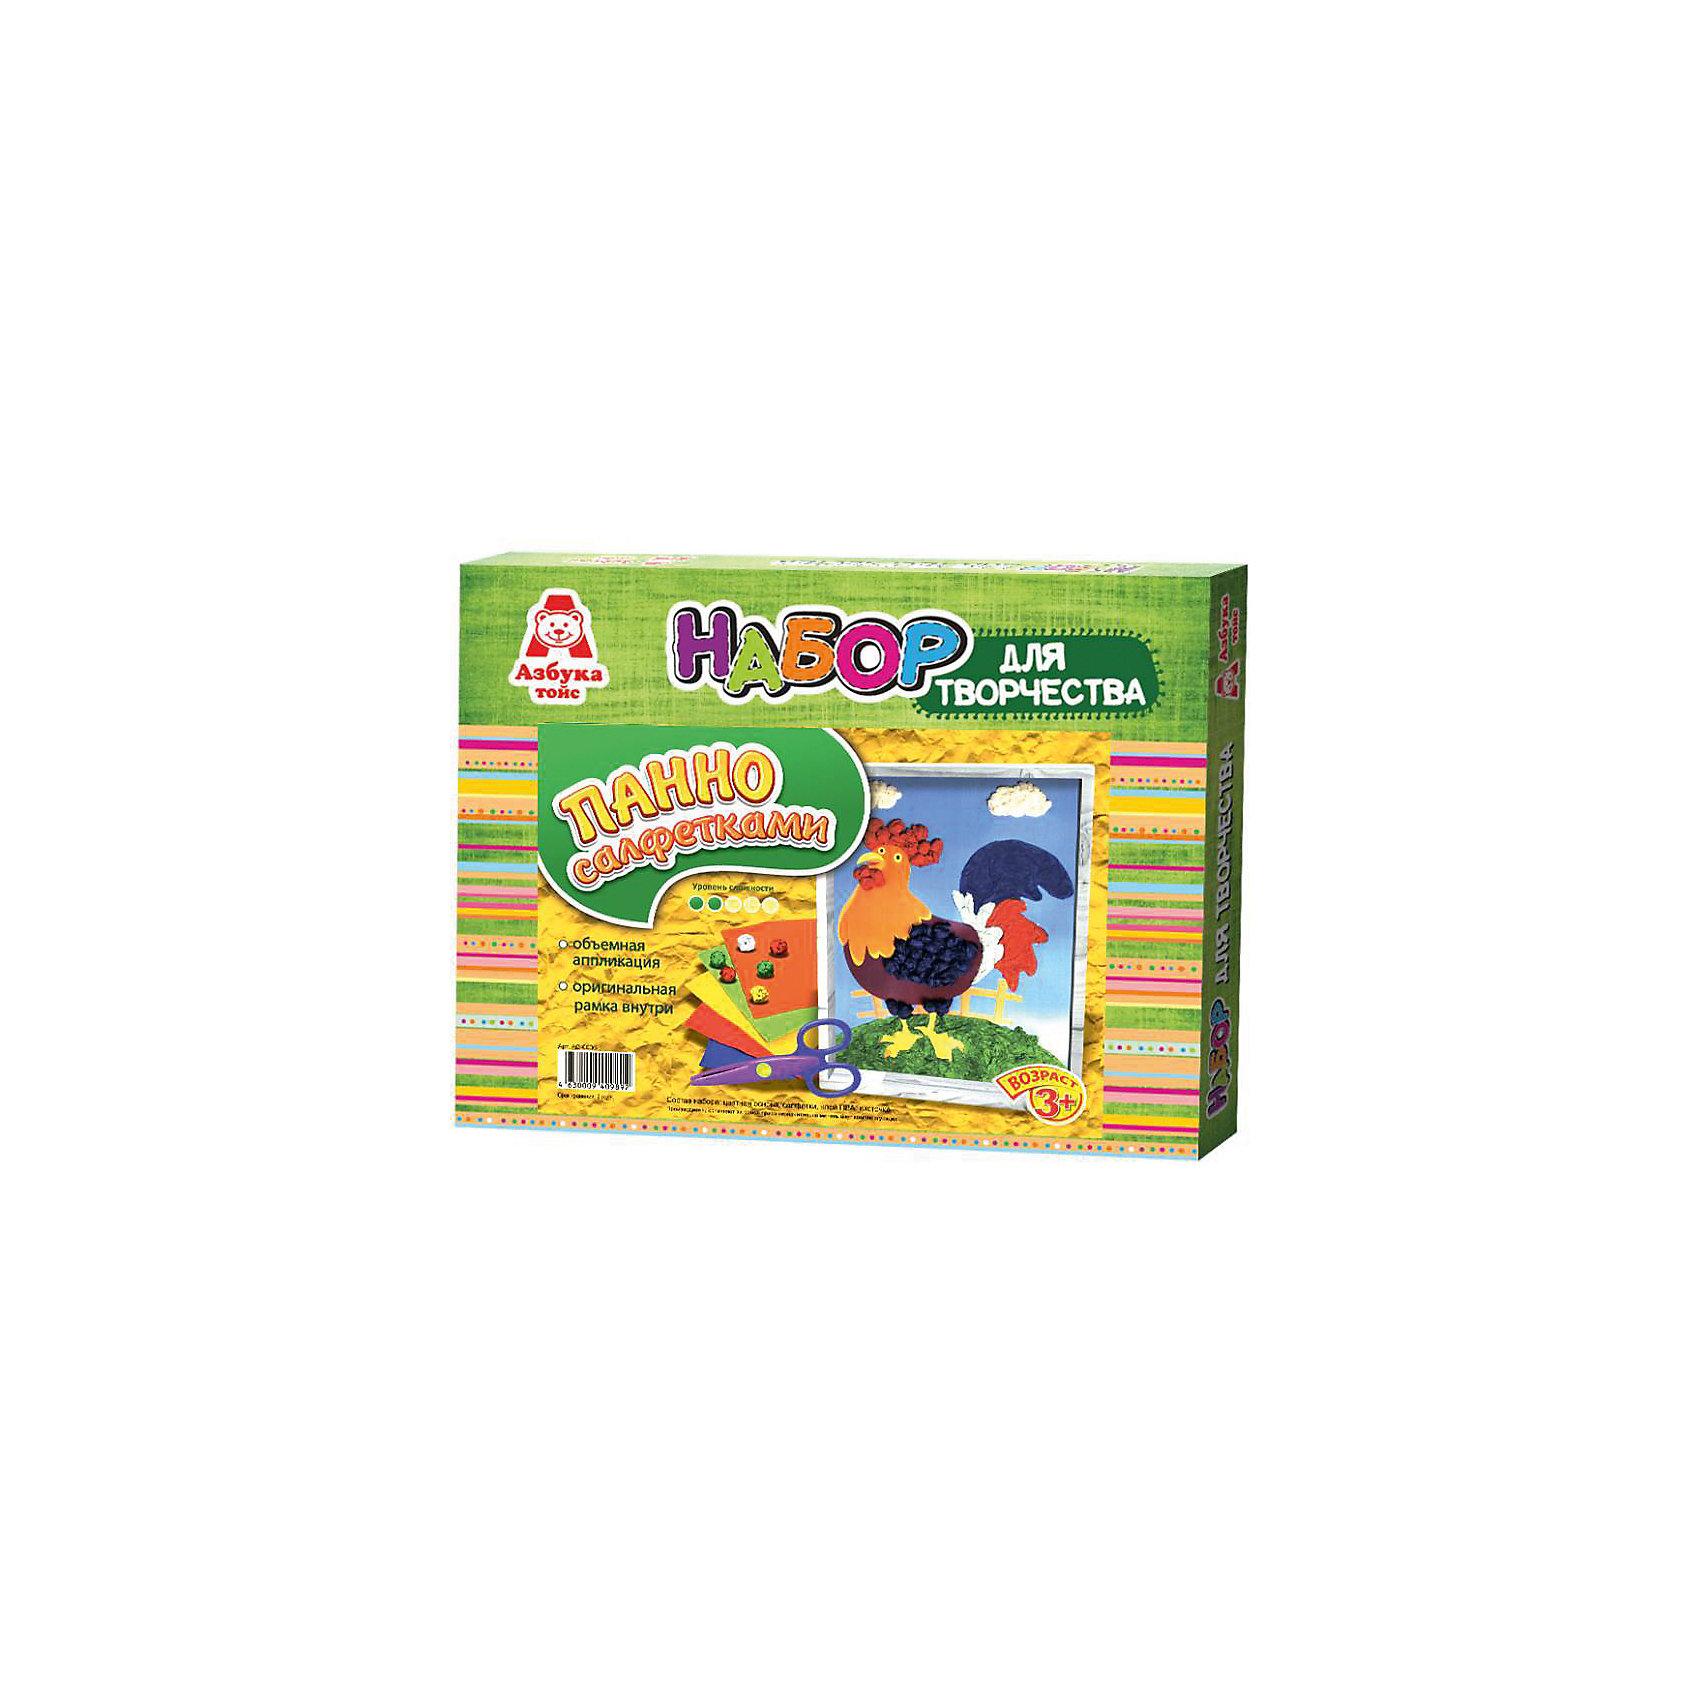 Аппликация салфетками ПетухБумага<br>Характеристики:<br><br>• Предназначение: для занятий аппликацией<br>• Тематика: Новый год, домашние животные и птицы<br>• Пол: универсальный<br>• Материал: картон, пластик, клей, текстиль<br>• Цвет: оранжевый, красный, желтый, синий<br>• Комплектация: цветная основа, набор разноцветных салфеток, клей ПВА, кисточка, инструкция<br>• Размеры (Д*Ш*В): 27*3*21 см<br>• Вес: 116 г <br>• Упаковка: картонная коробка<br><br>Аппликация салфетками Петух изготовлена отечественным производителем детских товаров с учетом особенностей психофизиологического развития детей раннего дошкольного возраста. Занятия аппликацией являются одними из любимых увлечений маленьких непосед. Азбука Тойс предлагает малышам и их родителям готовые наборы для детского творчества, в которых предусмотрены все необходимые детали и аксессуары для создания яркой и красивой поделки.<br>Набор Петух включает в себя картинку-основу, набор разноцветных салфеток, а также клей и кисточку. С помощью расположения салфеток на картине создаются объемные детали, которые приклеиваются с помощью клея ПВА. На картинке изображена Снегурочка. Набор предусматривает картонную рамку для оформления поделки, поэтому картинку можно подарить в качестве подарка к наступающему Новому году или оформить интерьер.<br>С творческими наборами от Азбука Тойc Ваш ребенок научится создавать много интересных поделок, что будет способствовать его творческому и интеллектуальному развитию. Творческие наборы могут стать хорошим подарком к предстоящим торжествам и праздникам.<br><br>Аппликацию салфетками Петух можно купить в нашем интернет-магазине.<br><br>Ширина мм: 270<br>Глубина мм: 30<br>Высота мм: 210<br>Вес г: 116<br>Возраст от месяцев: 36<br>Возраст до месяцев: 96<br>Пол: Унисекс<br>Возраст: Детский<br>SKU: 5188161